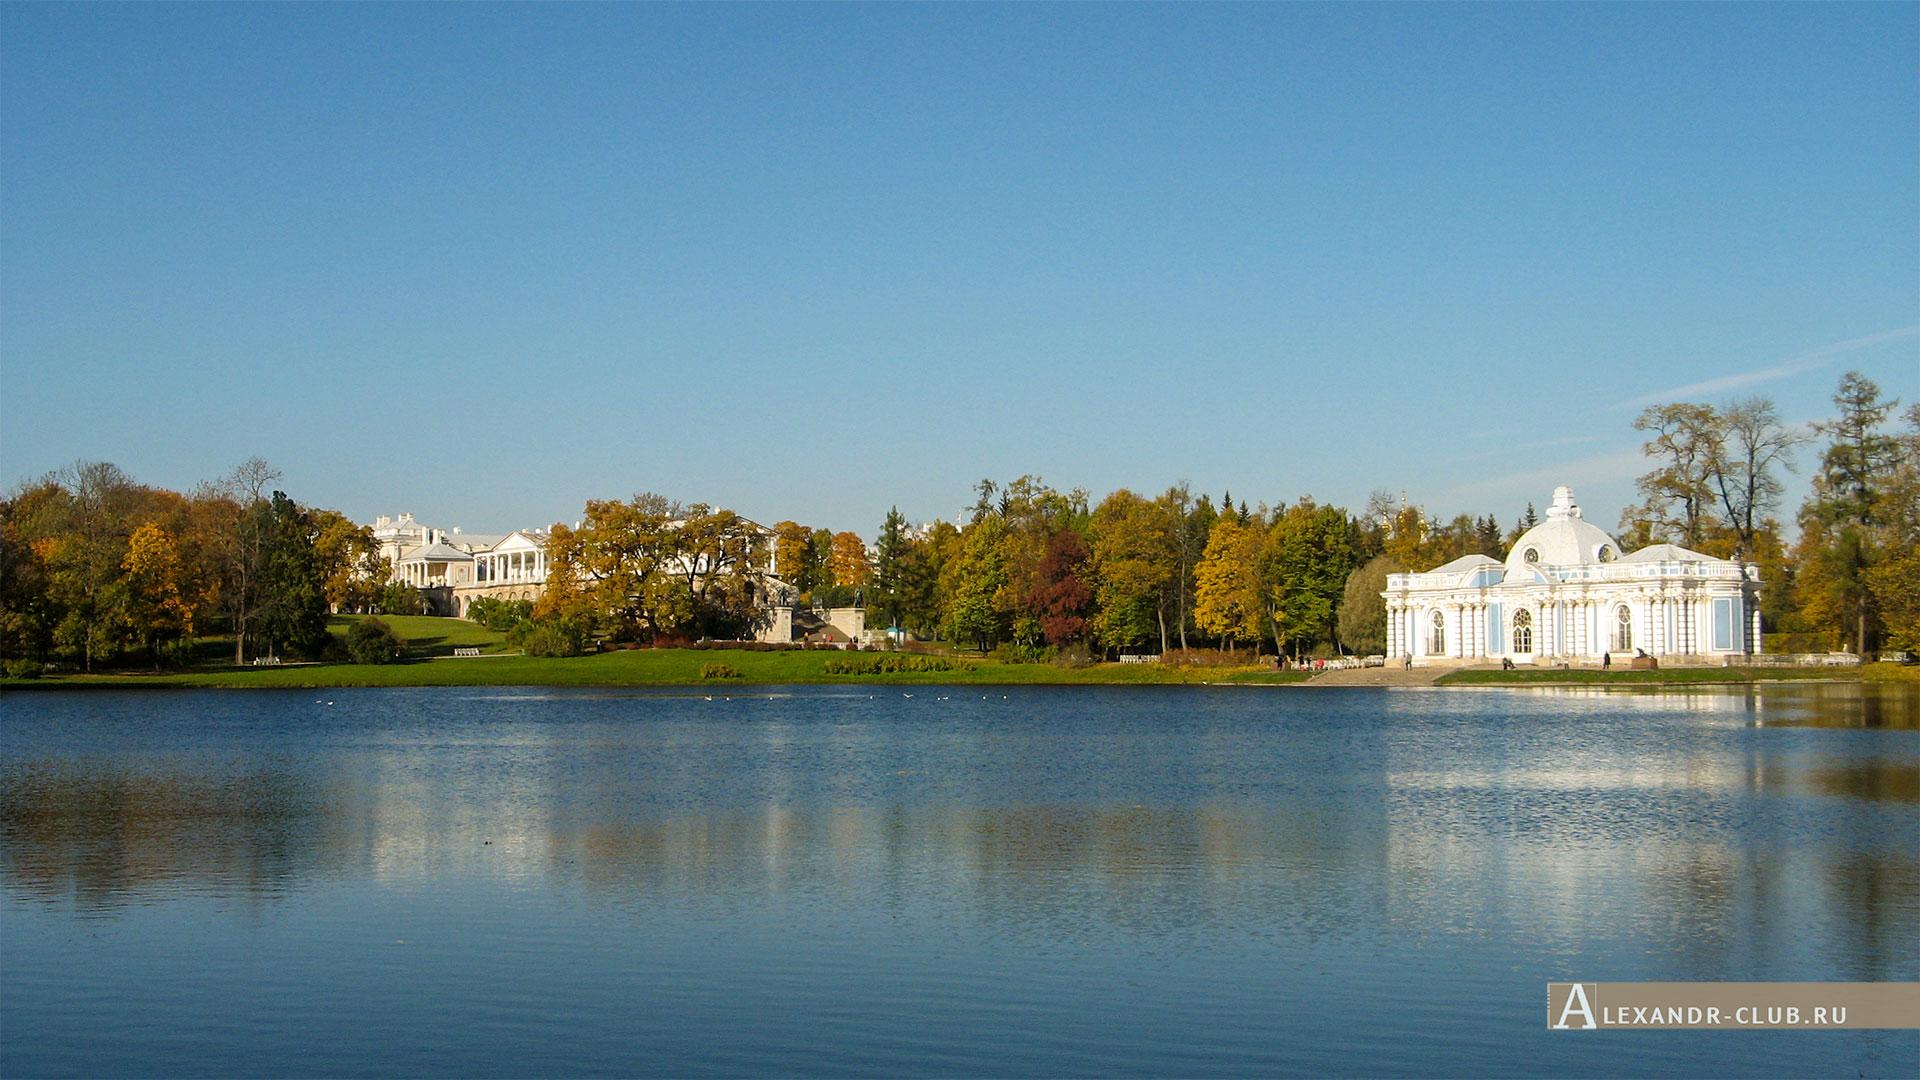 Царское Село, осень, Екатерининский парк, павильон «Грот» и Камеронова галерея